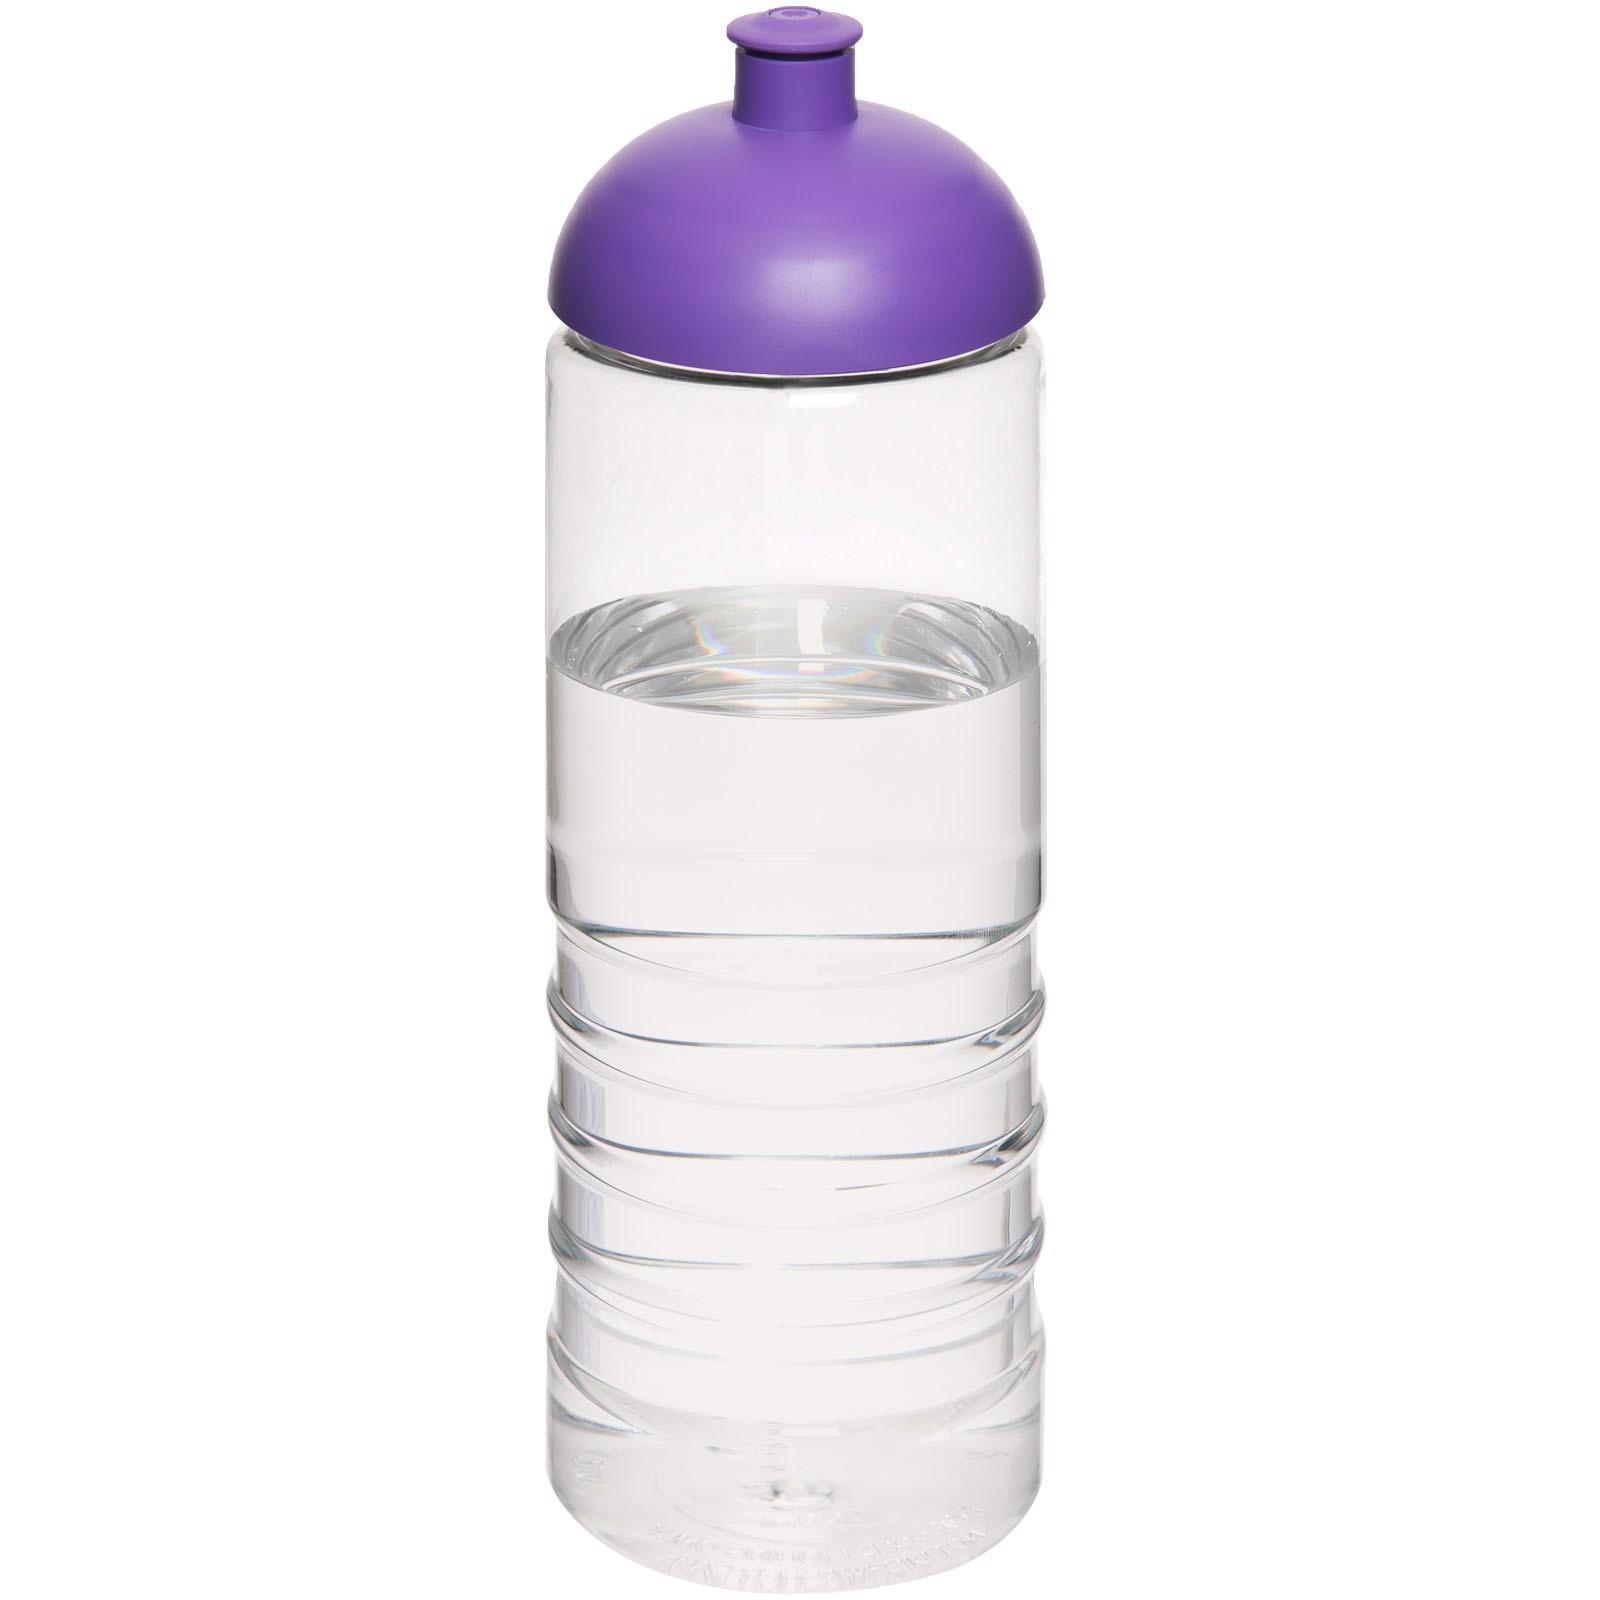 H2O Treble 750 ml sportovní lahev s kupolovitým víčkem - Průhledná / Purpurová